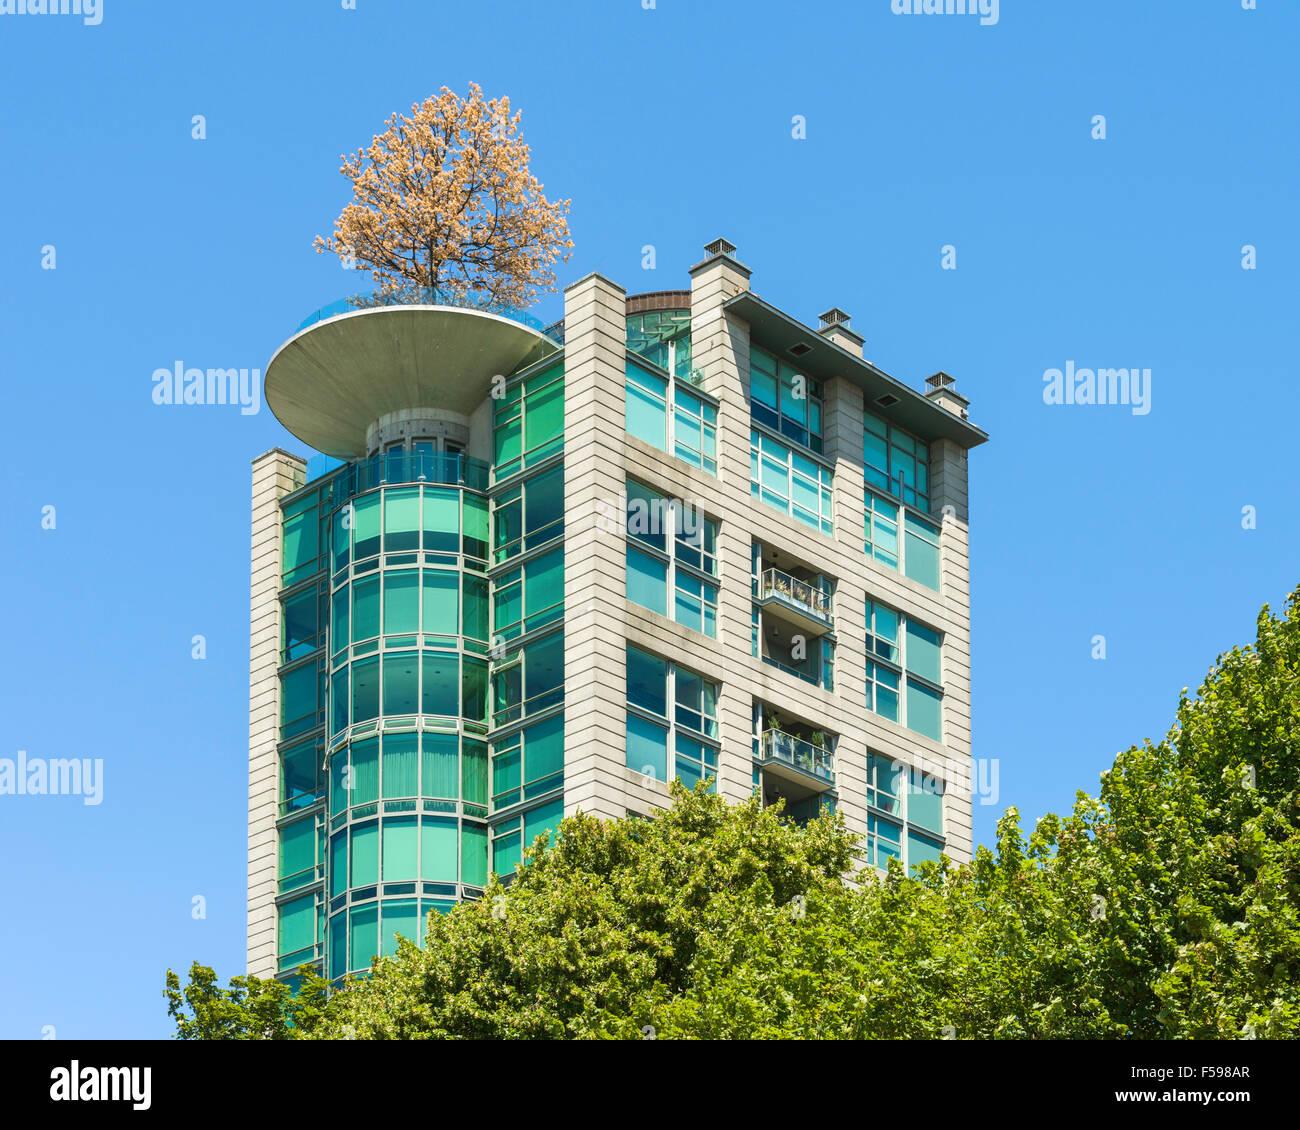 Eugenia Lugar Edificio De Apartamentos Con Pin Oak Tree En